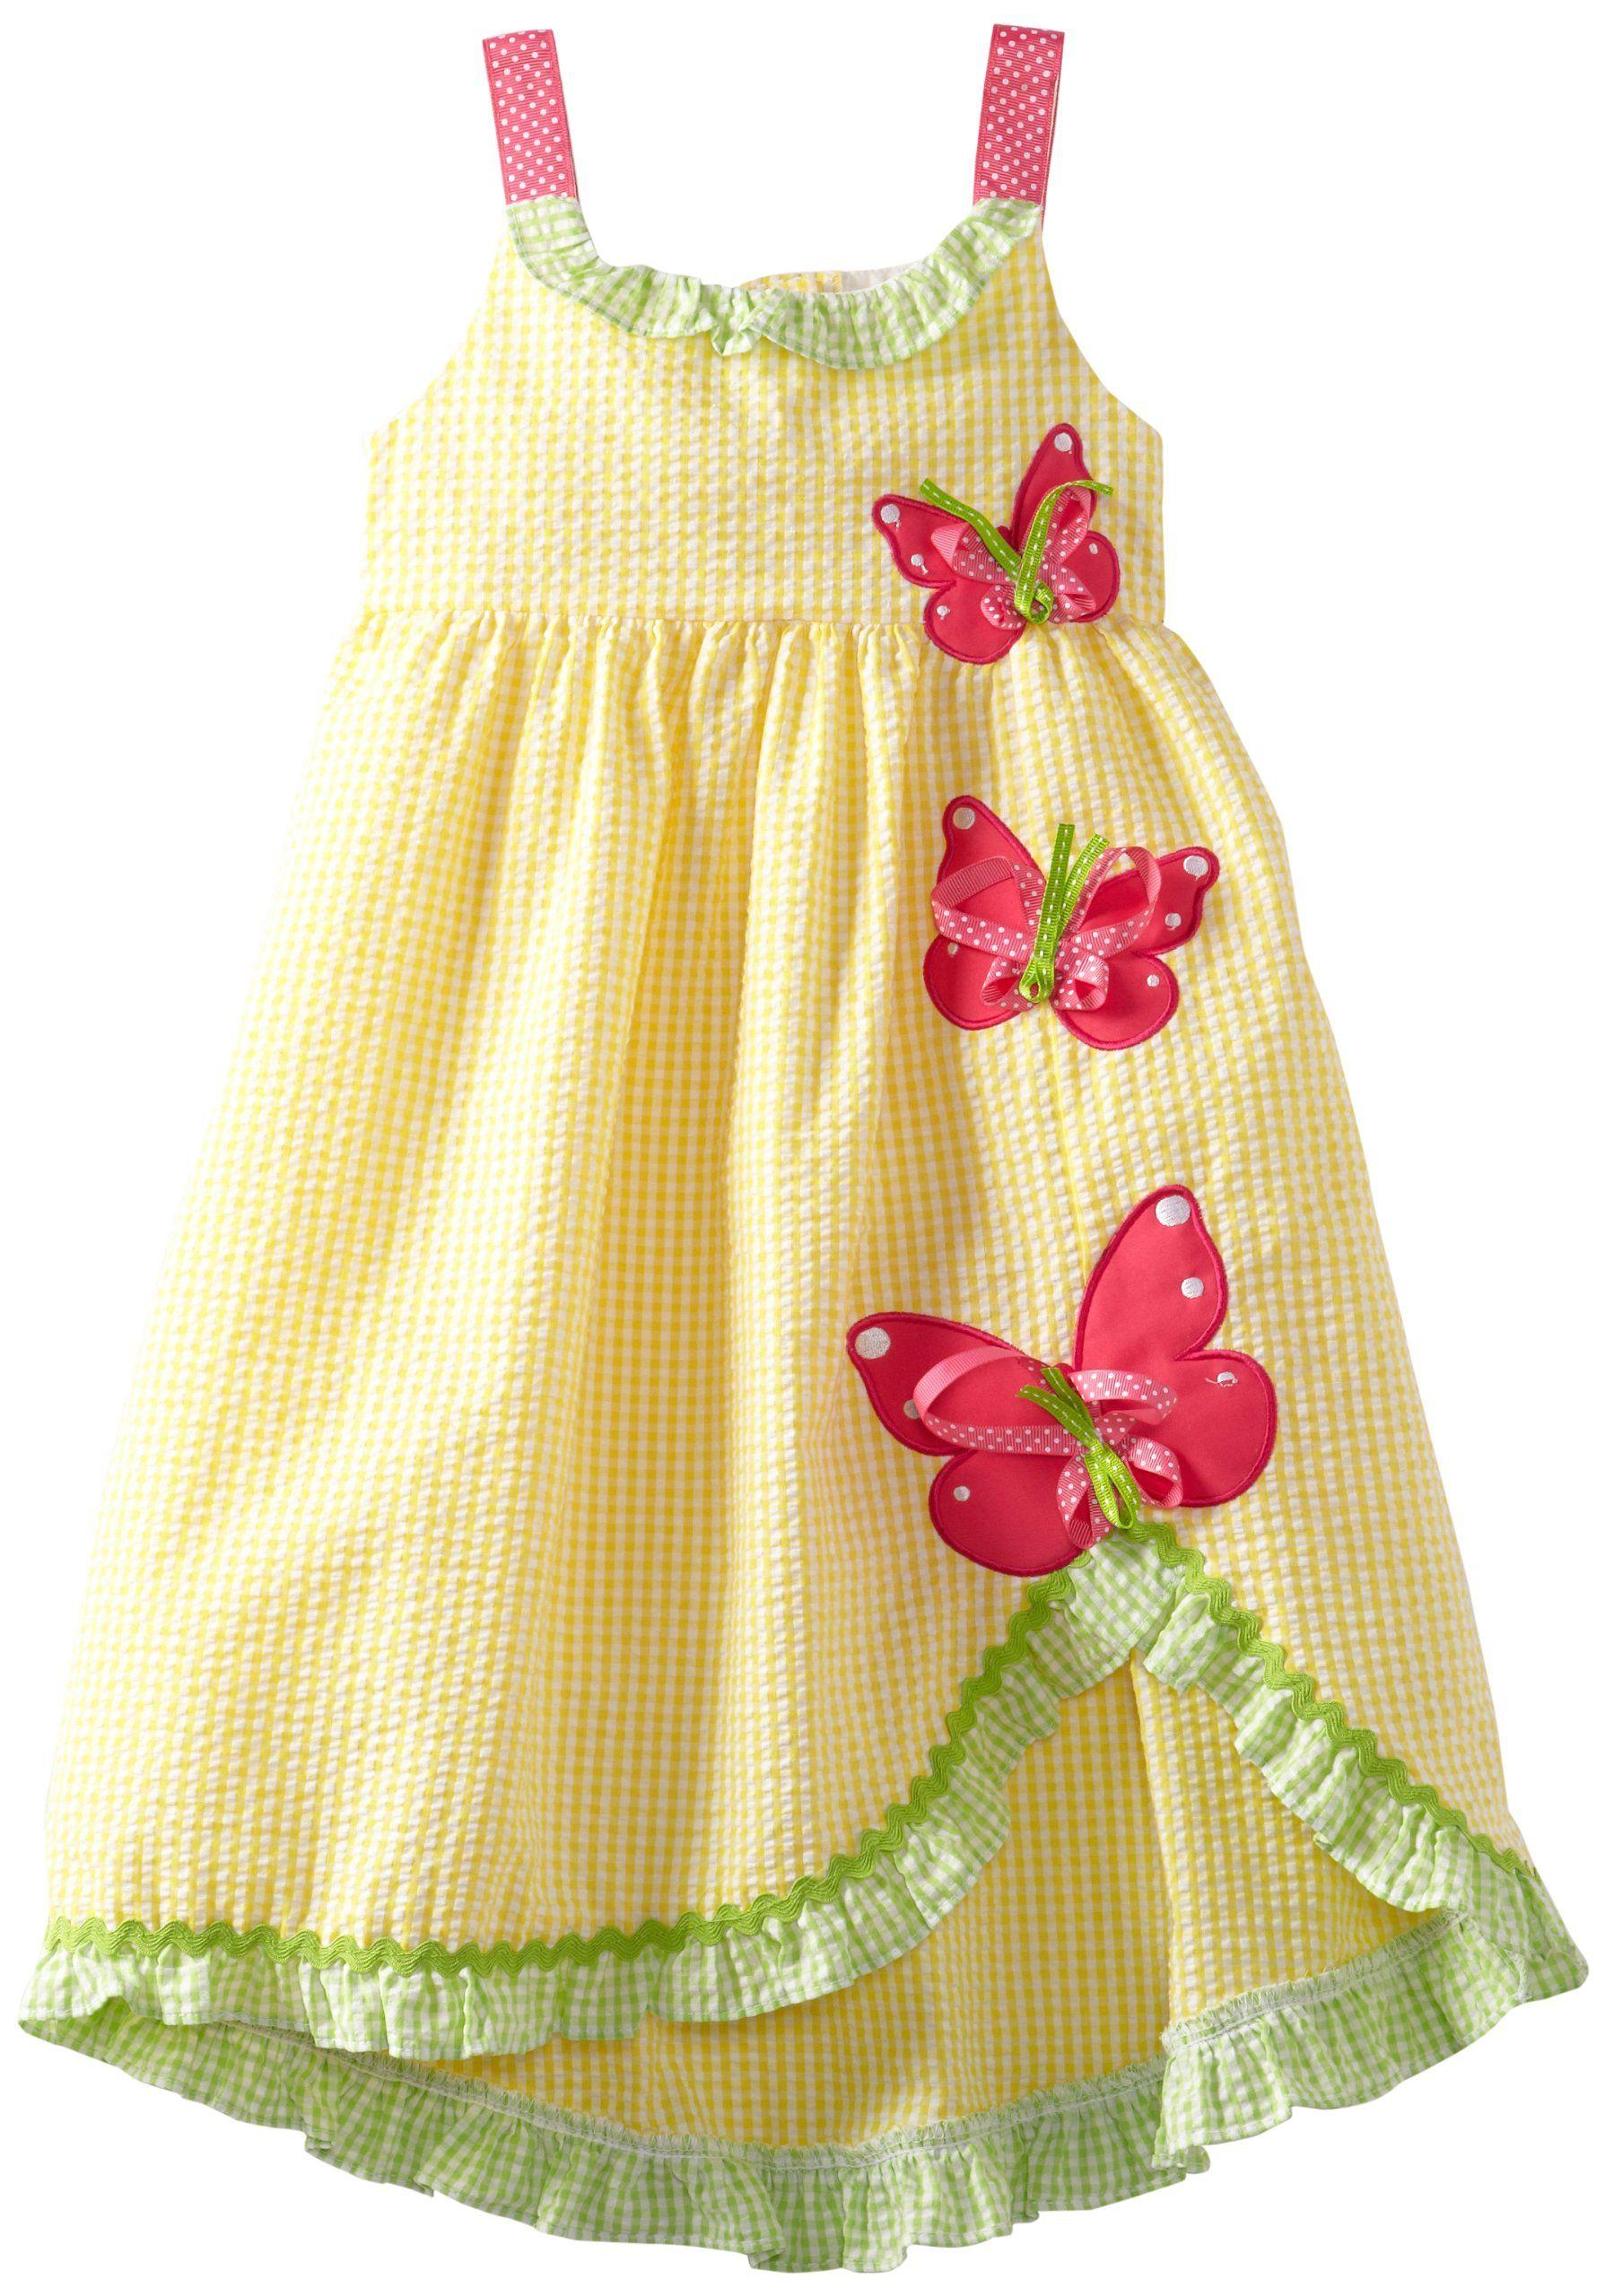 55b74310241 Rare Editions Little Girls' Seersucker Dress, Yellow, 6 | Sewing ...